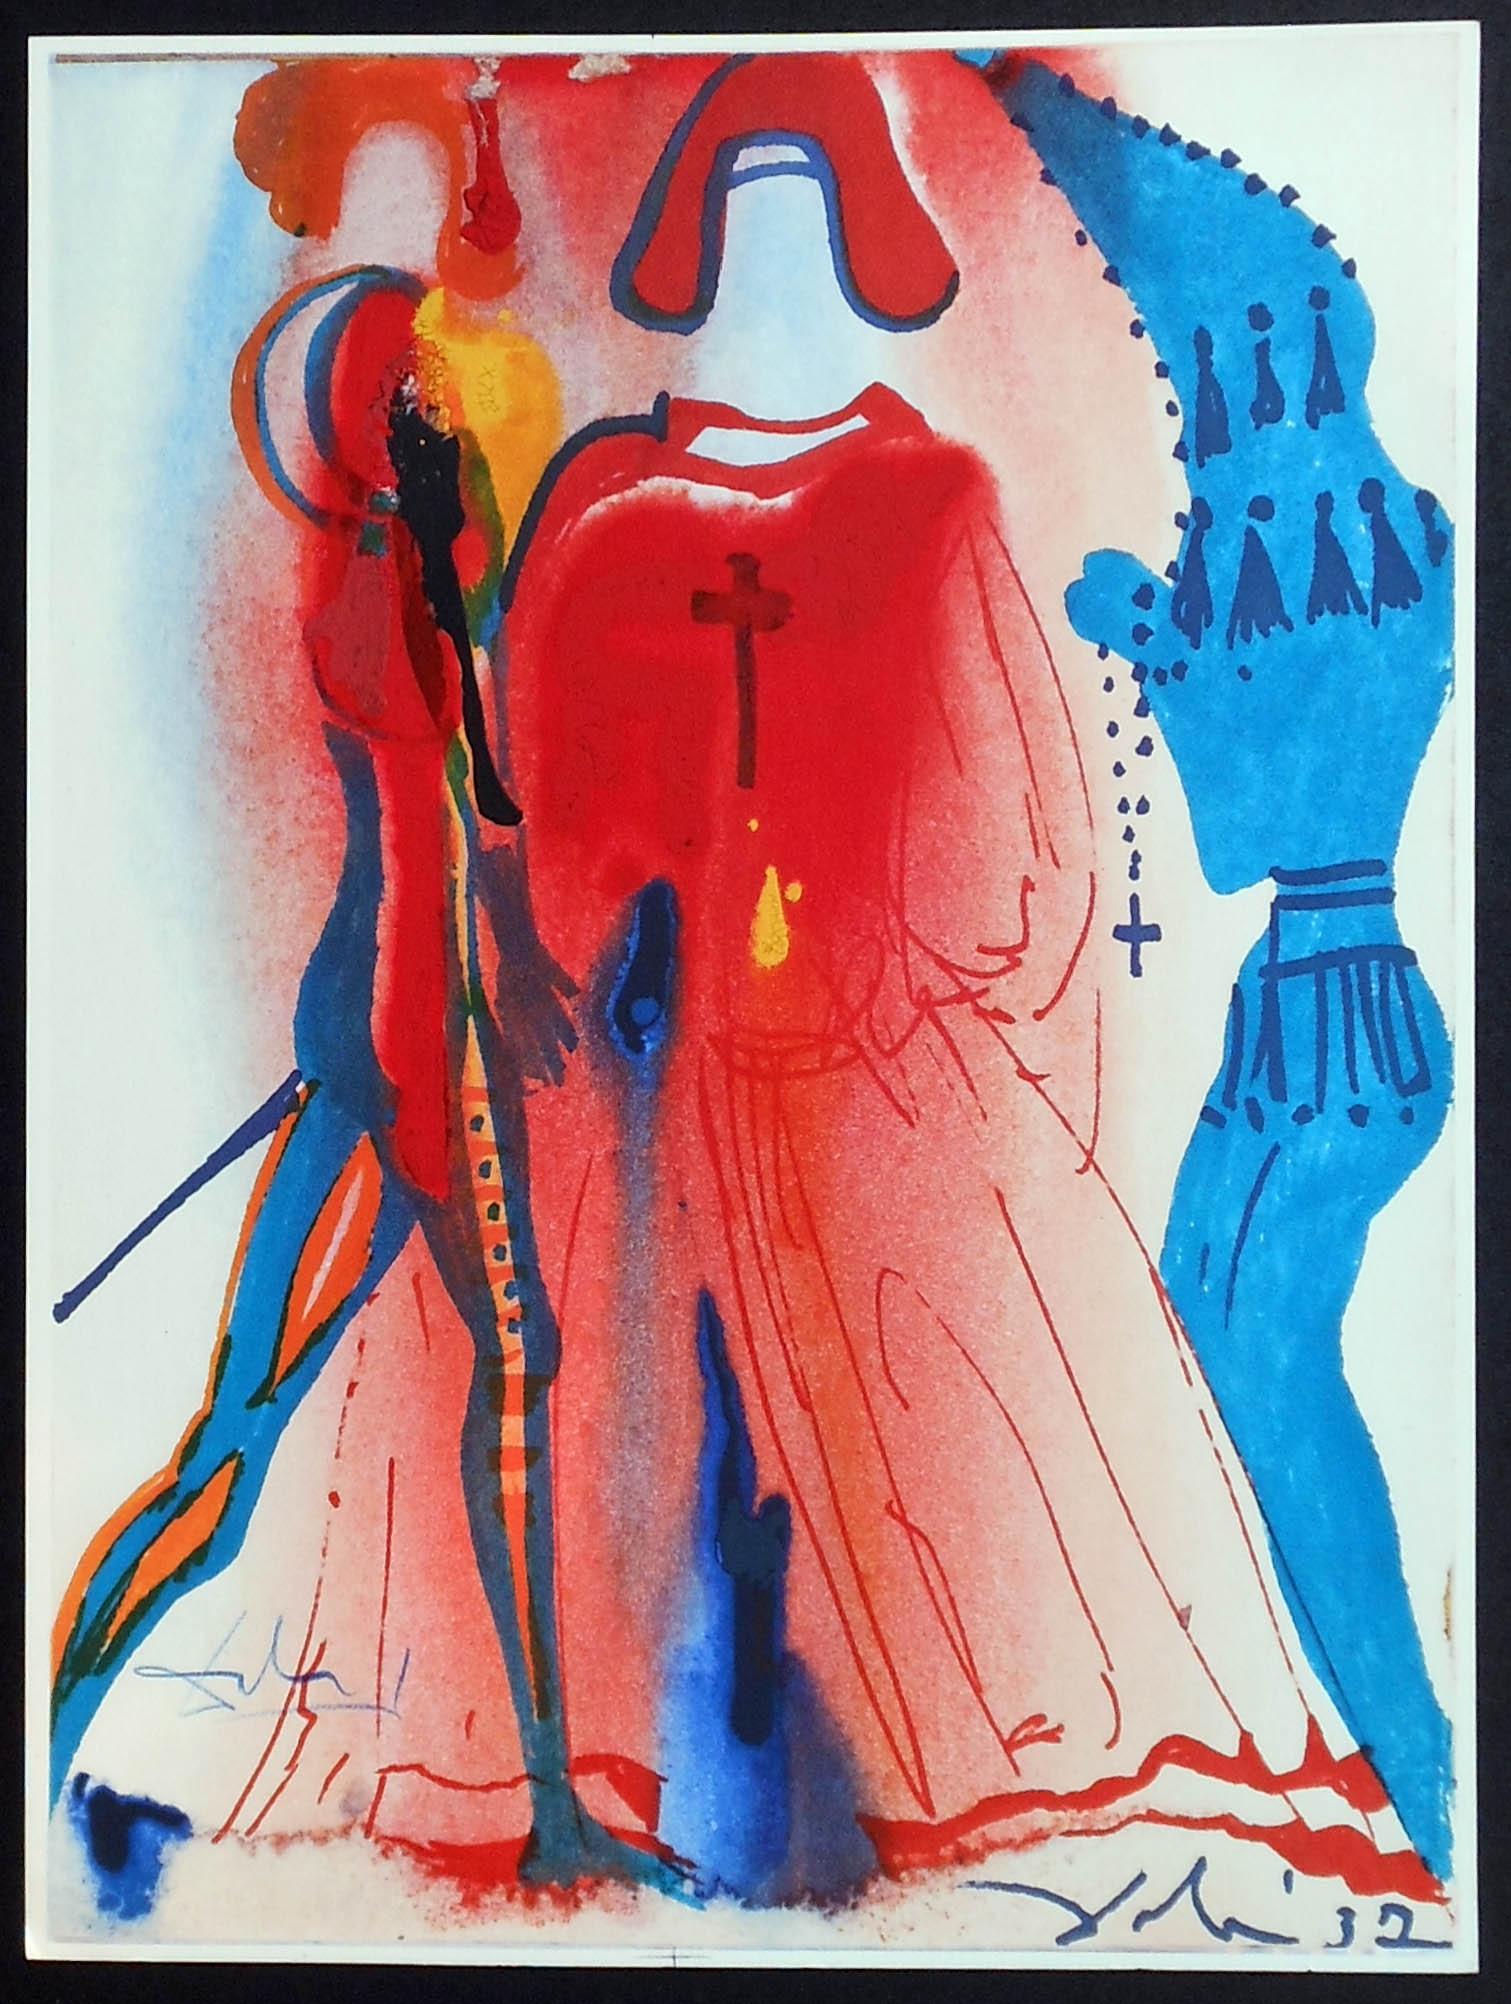 תערוכה של דאלי בגלריית אלטמן תל אביב-מתוך סדרת איורים רומיאו וג'ולייט (6)